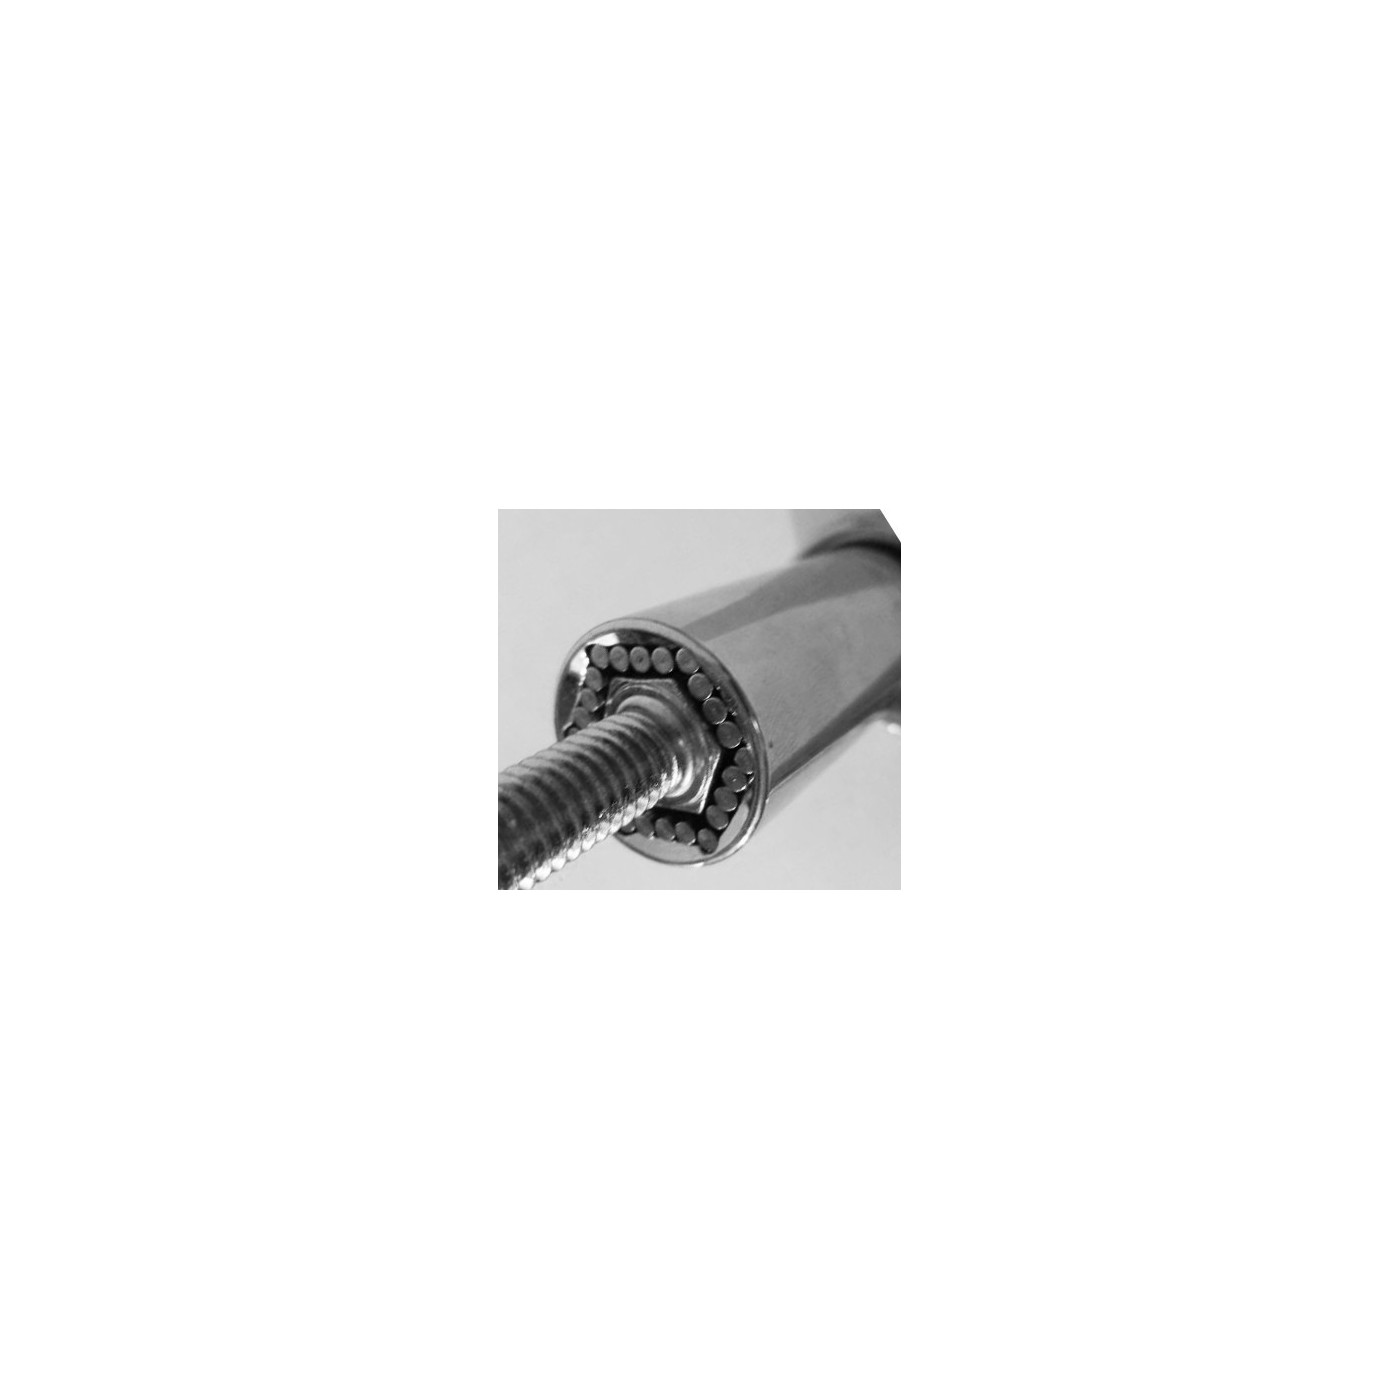 Gatorgriff MITTEL, Universal-Steckschlüssel 9-27 mm